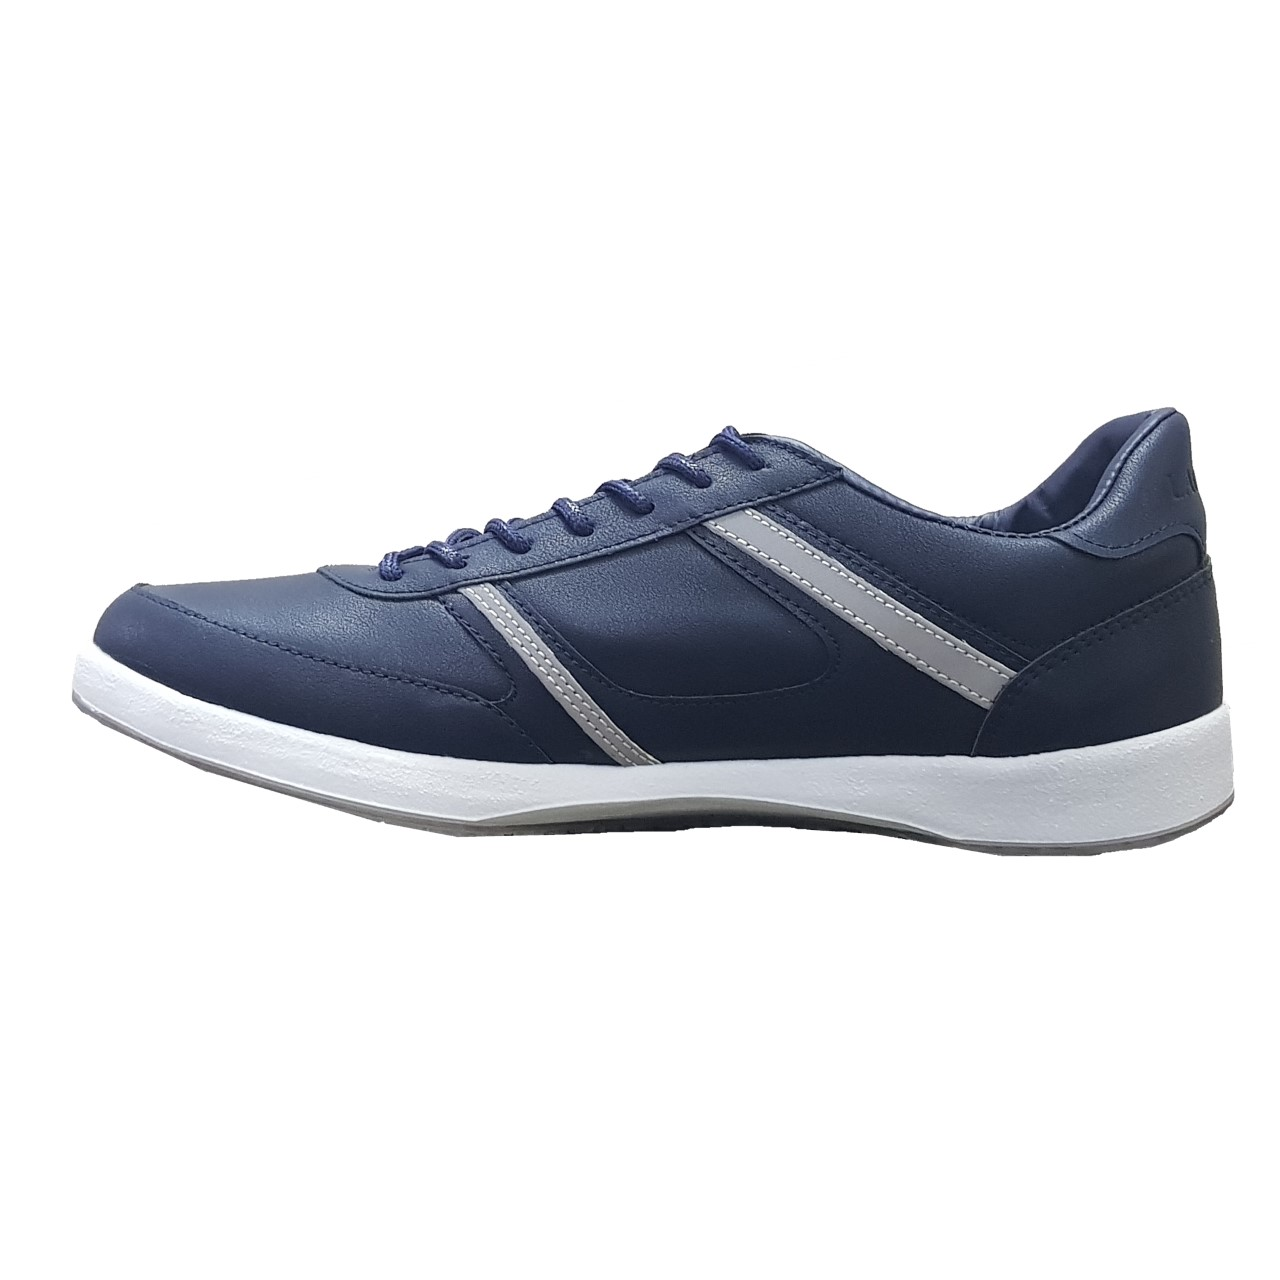 کفش مردانه مدل زامورا کد 1718